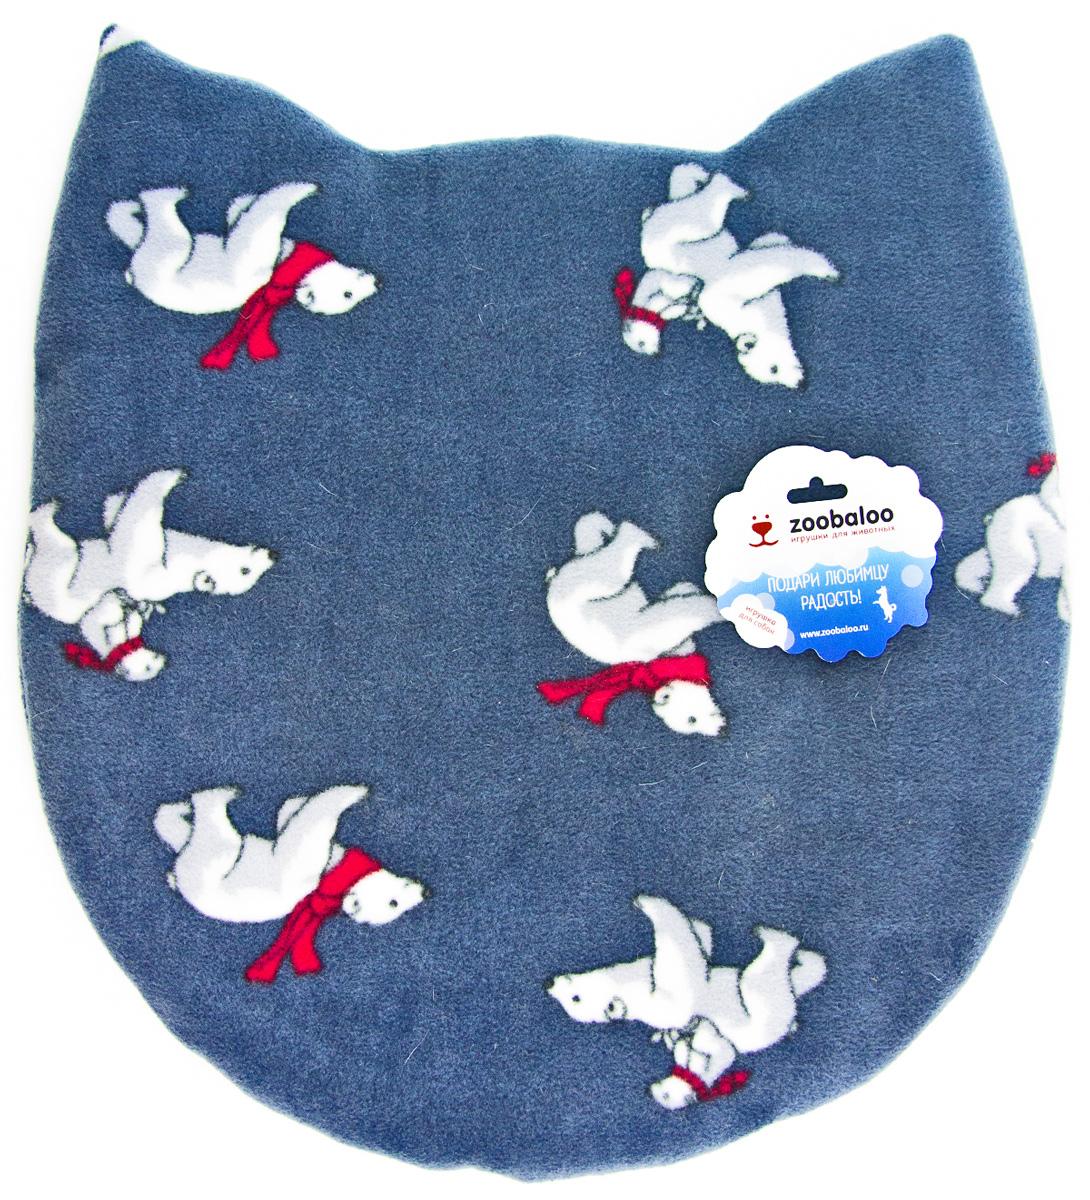 Лежак-коврик для животных Zoobaloo Мордашка. Мишки, 45 х 50 см1113Великолепный флисовый лежак-коврик Zoobaloo - это отличный аксессуар для вашего питомца, на котором можно спать, играться и снова, приятно устав, заснуть. Он идеально подходит для полов с любым покрытием. Изделие поддерживает температурный баланс вашего питомца в любое время года. Наполнитель выполнен из синтепона.